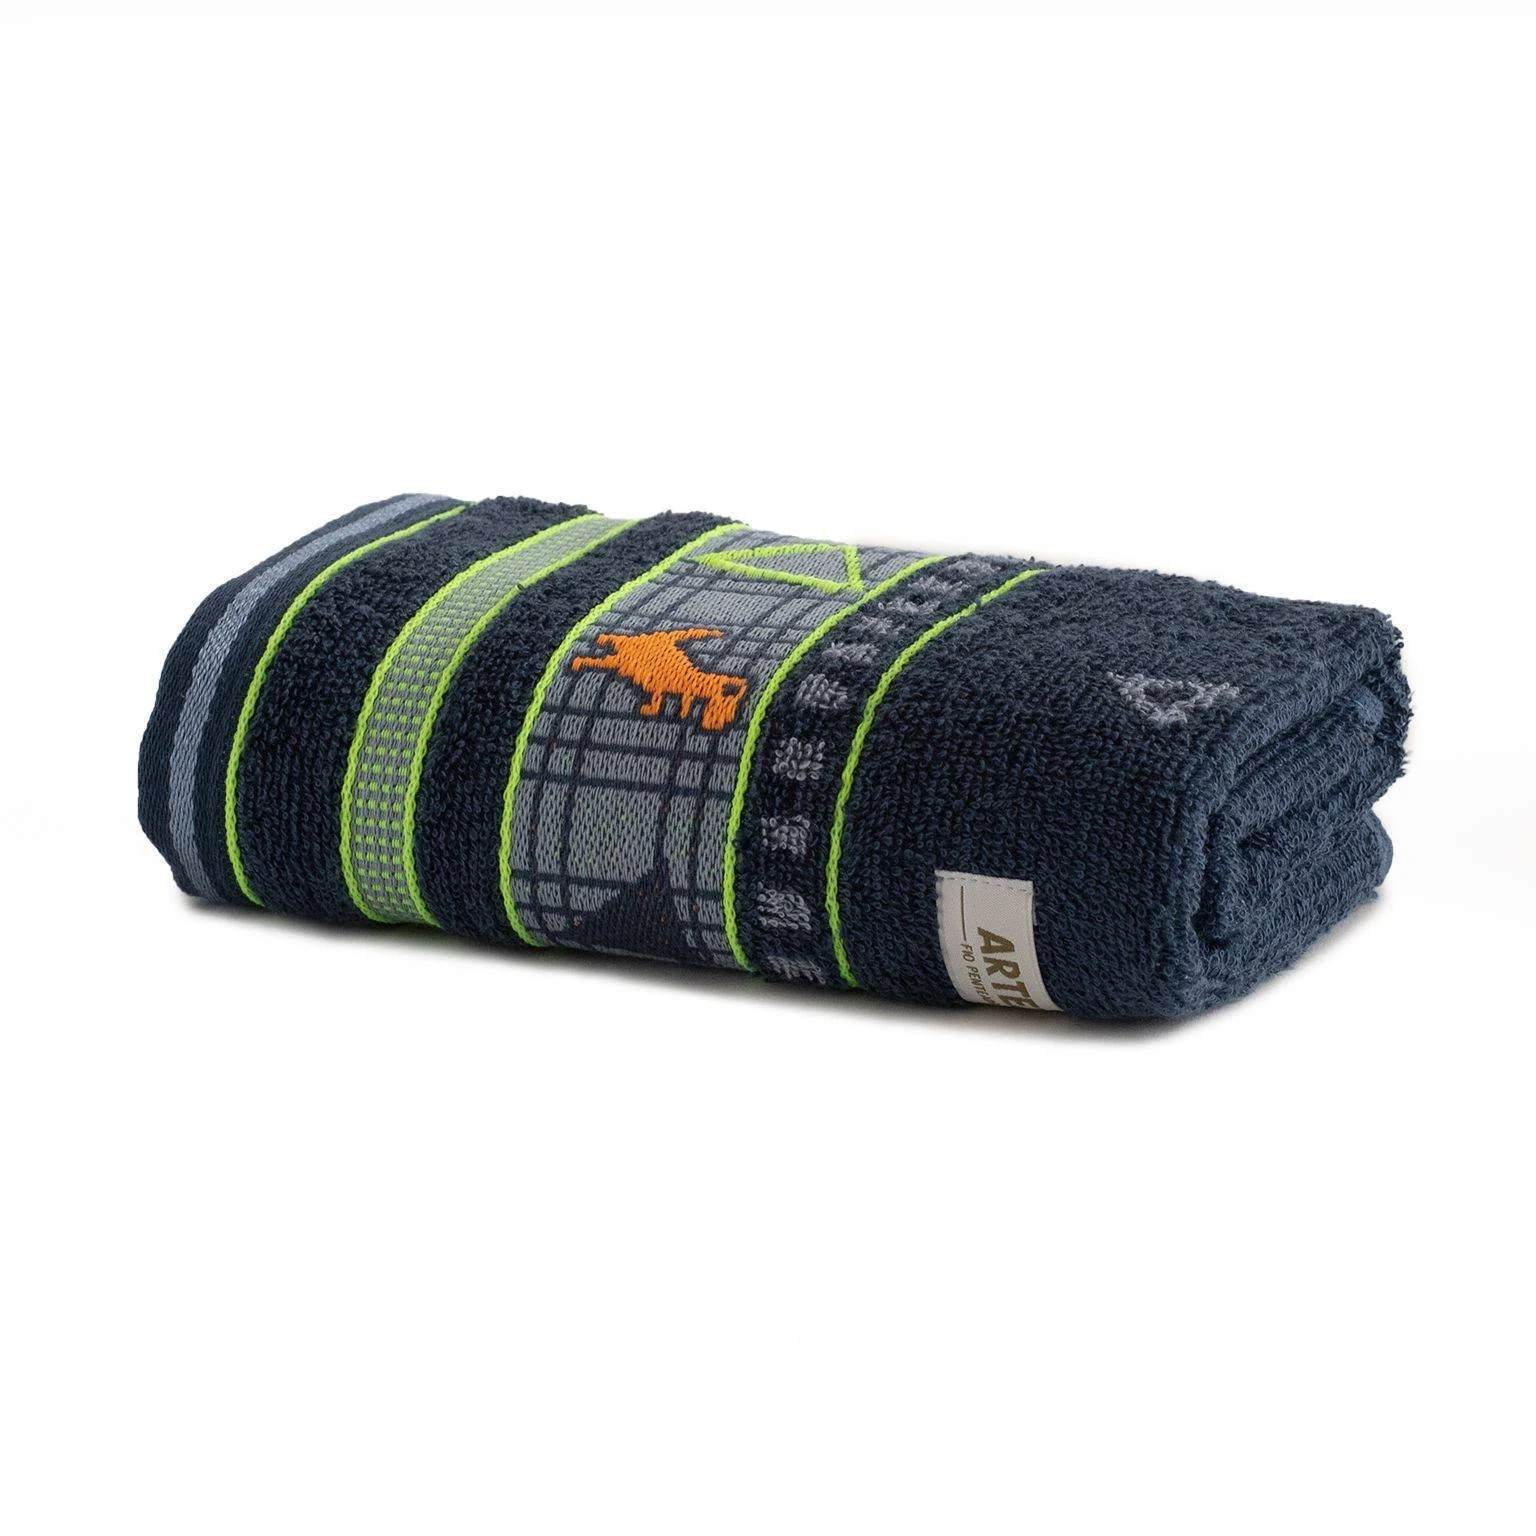 Toalha De Rosto 100 Algodao 41x70 cm Jeans - Artex